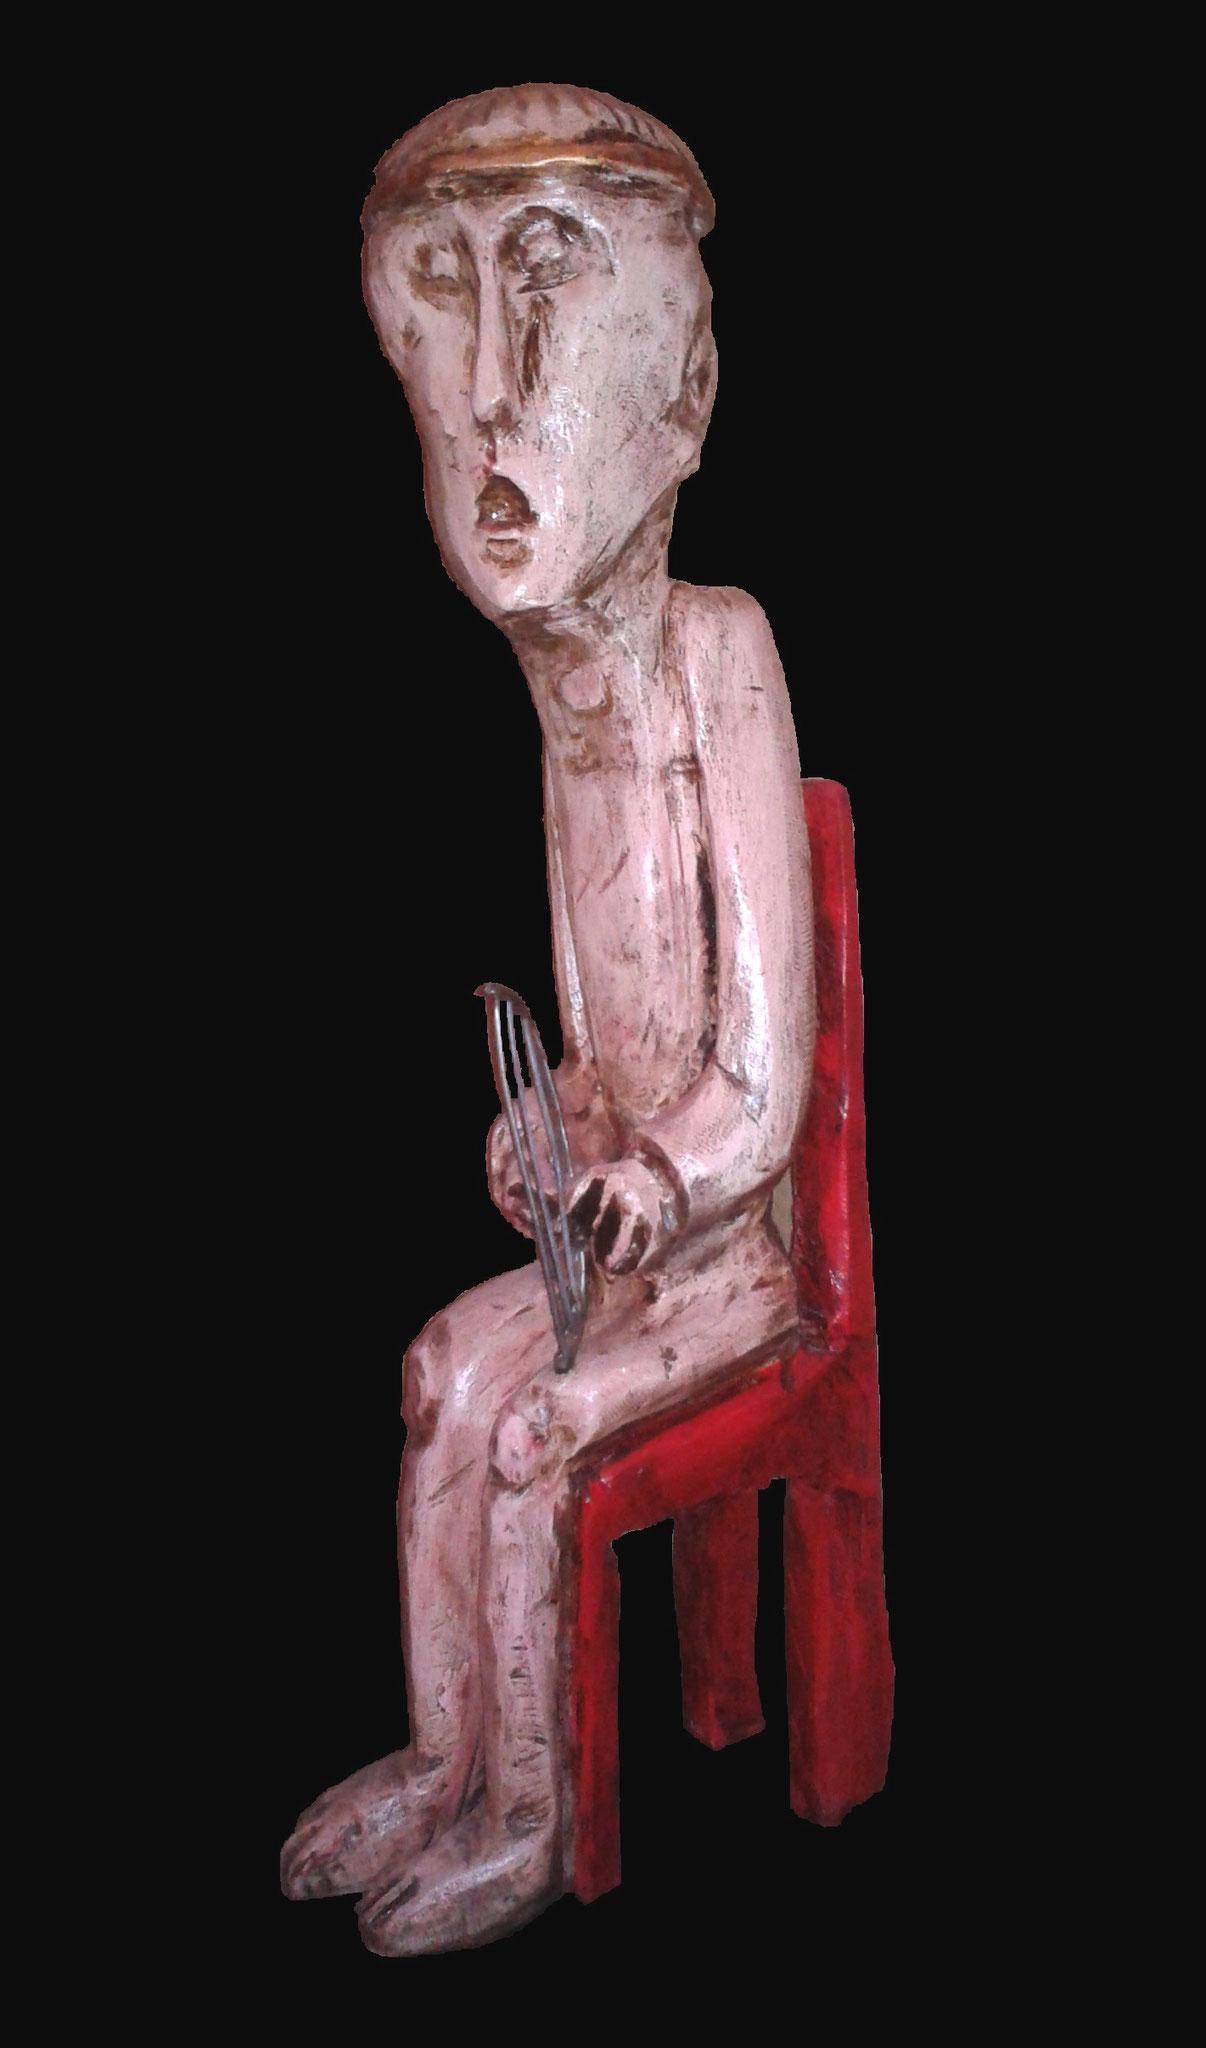 Orpheus, Eiche, 2012, 75 x 30 x 20 cm